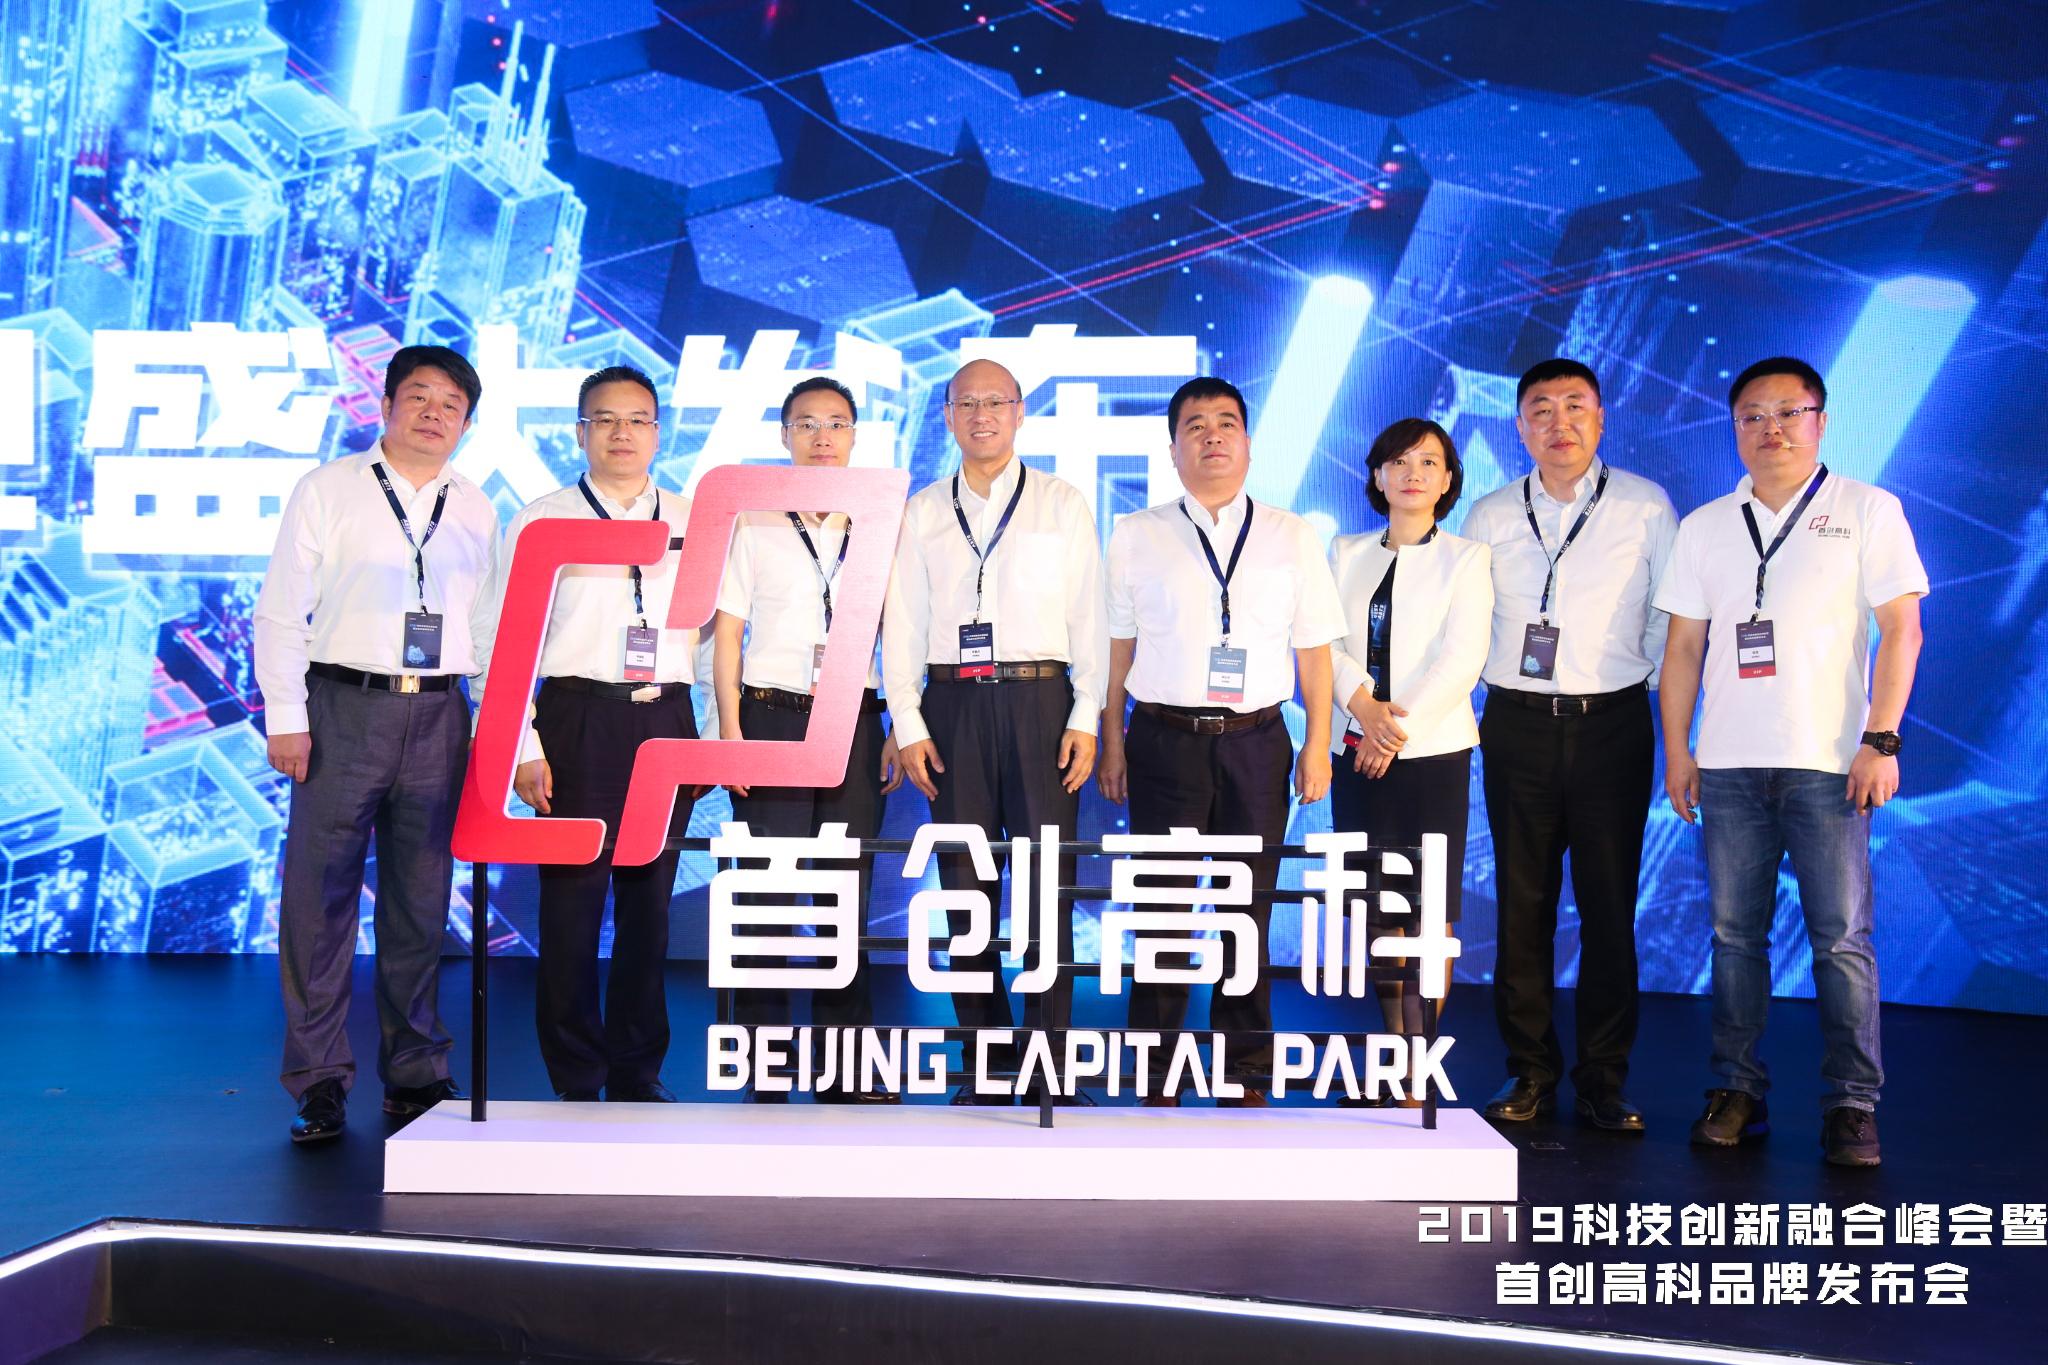 首创高科落子重庆 将打造西部科创产业新城